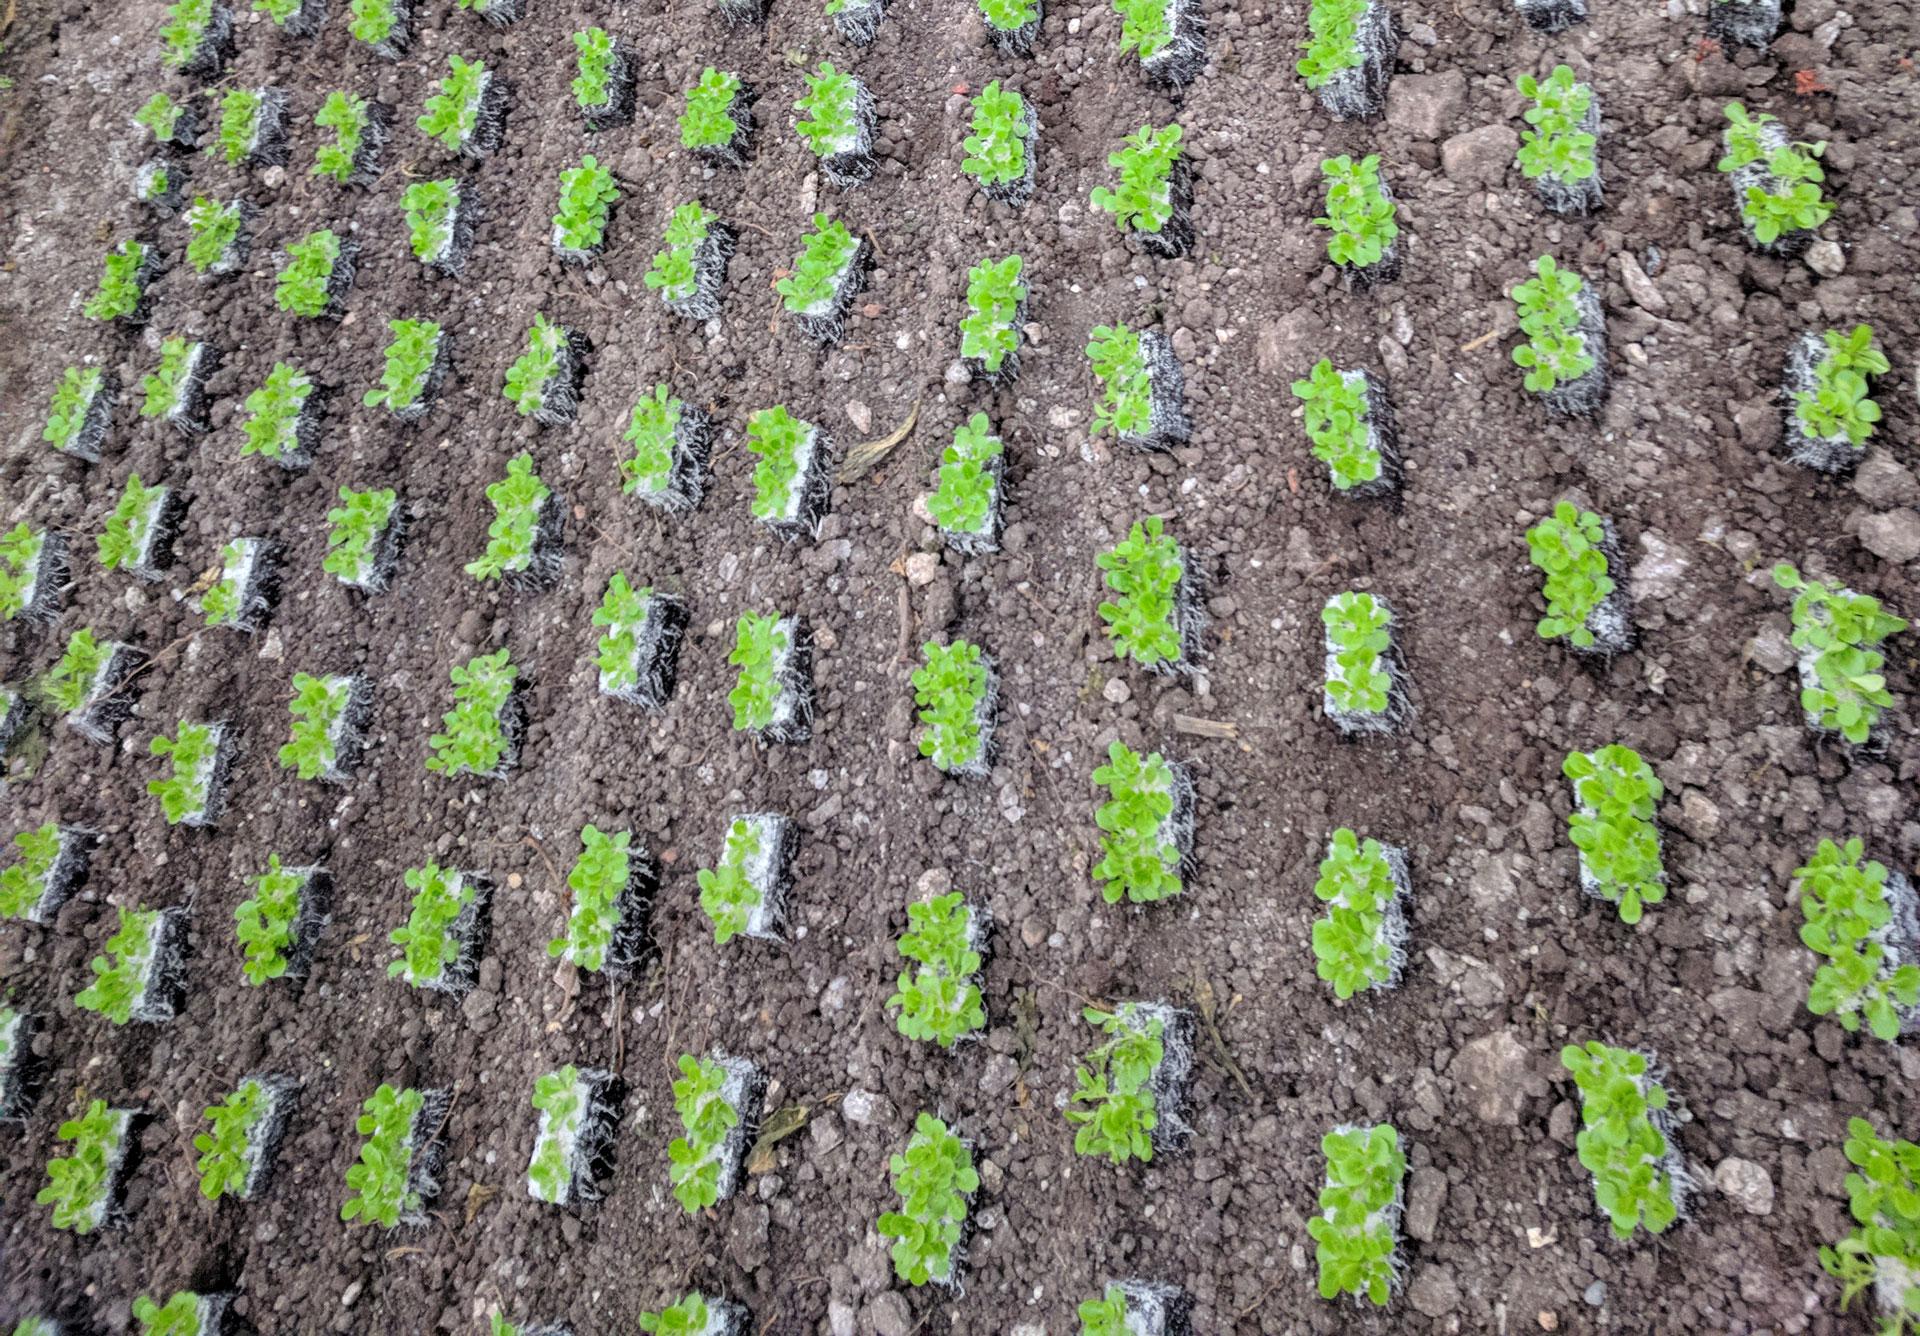 semena za zelenjavni vrt, semena zelenjave, profesionalna semena za vrtičkarje, semena za vrt, Agrotech - IMG_20171106_081856